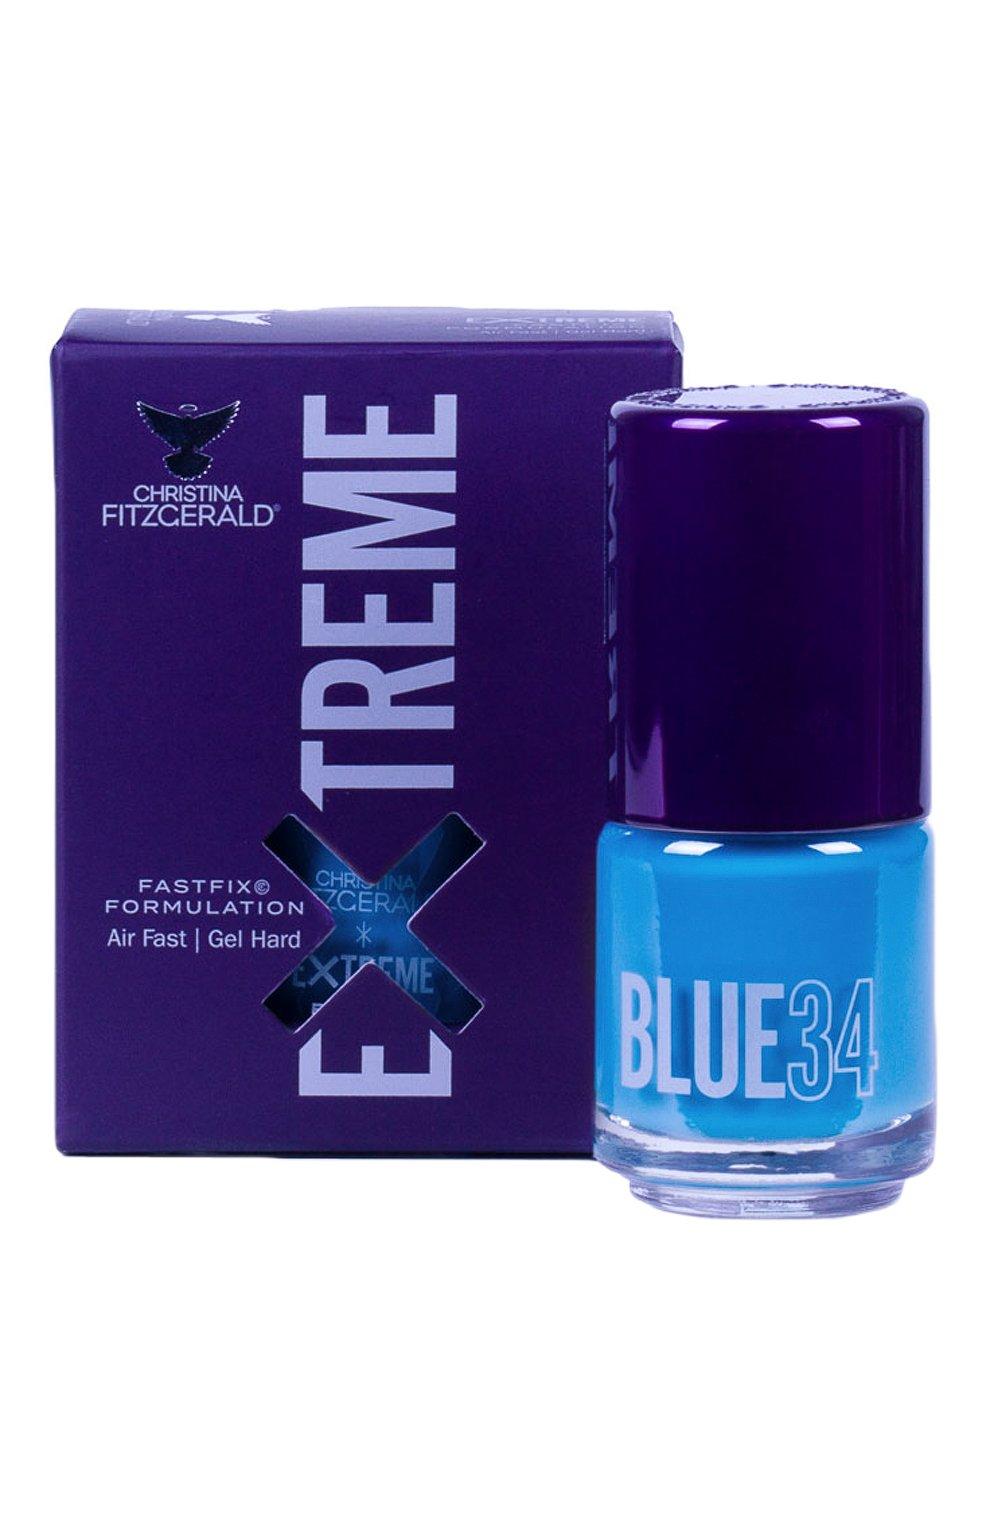 Женский лак для ногтей extreme, оттенок blue 34 CHRISTINA FITZGERALD бесцветного цвета, арт. 9333381005236 | Фото 1